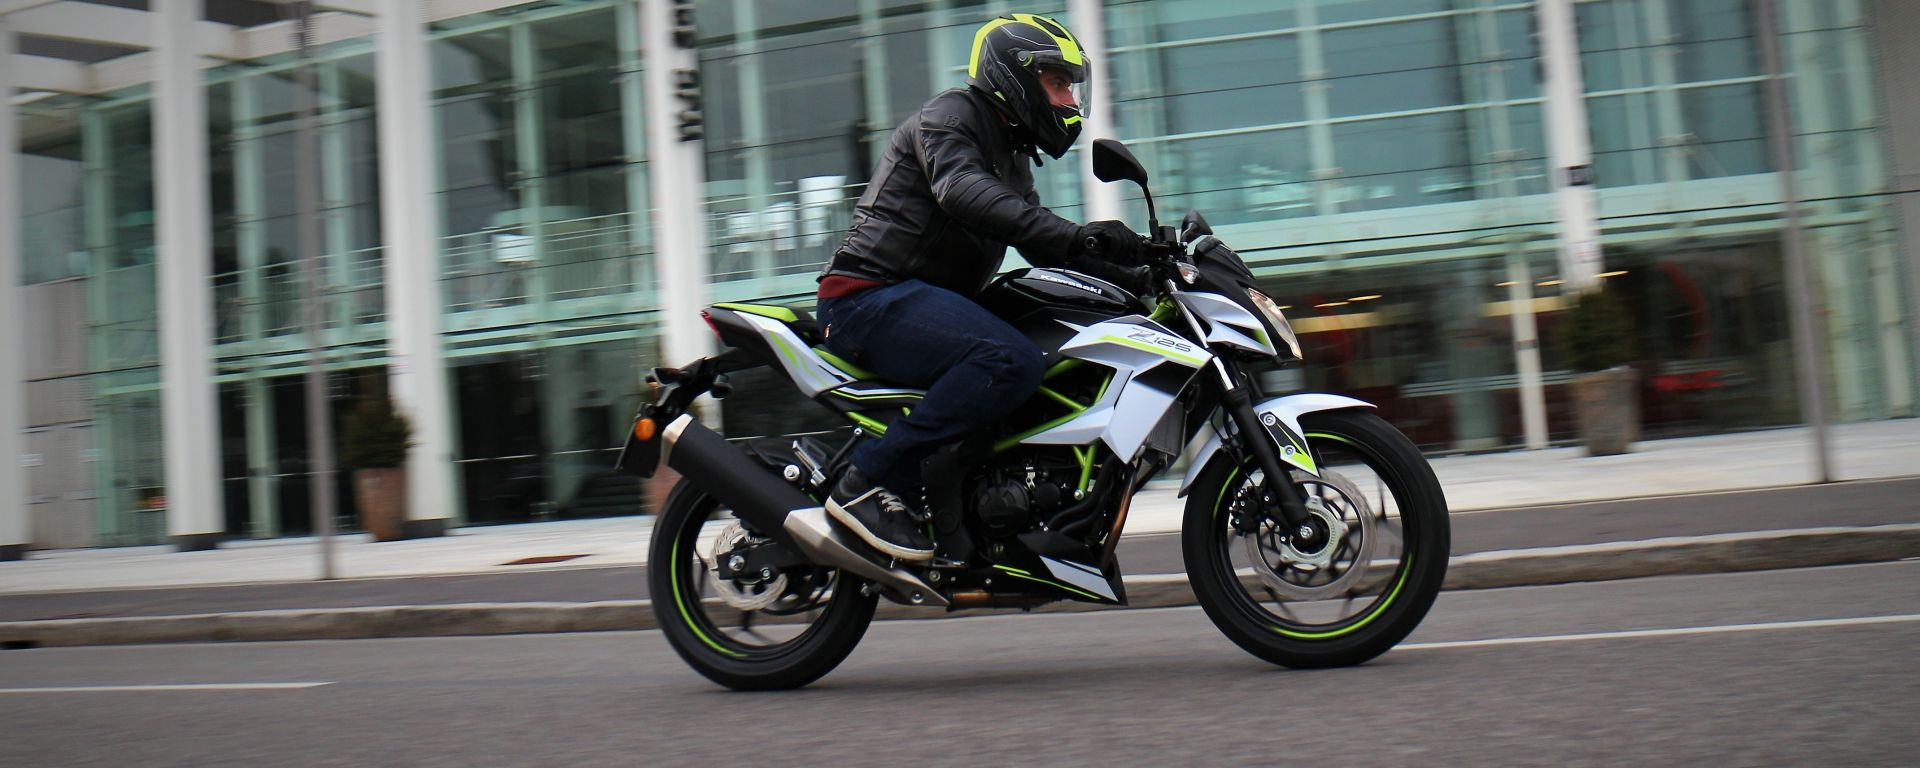 Kawasaki Z125 2019 Prova Su Strada Scheda Tecnica E Prezzo Motorbox